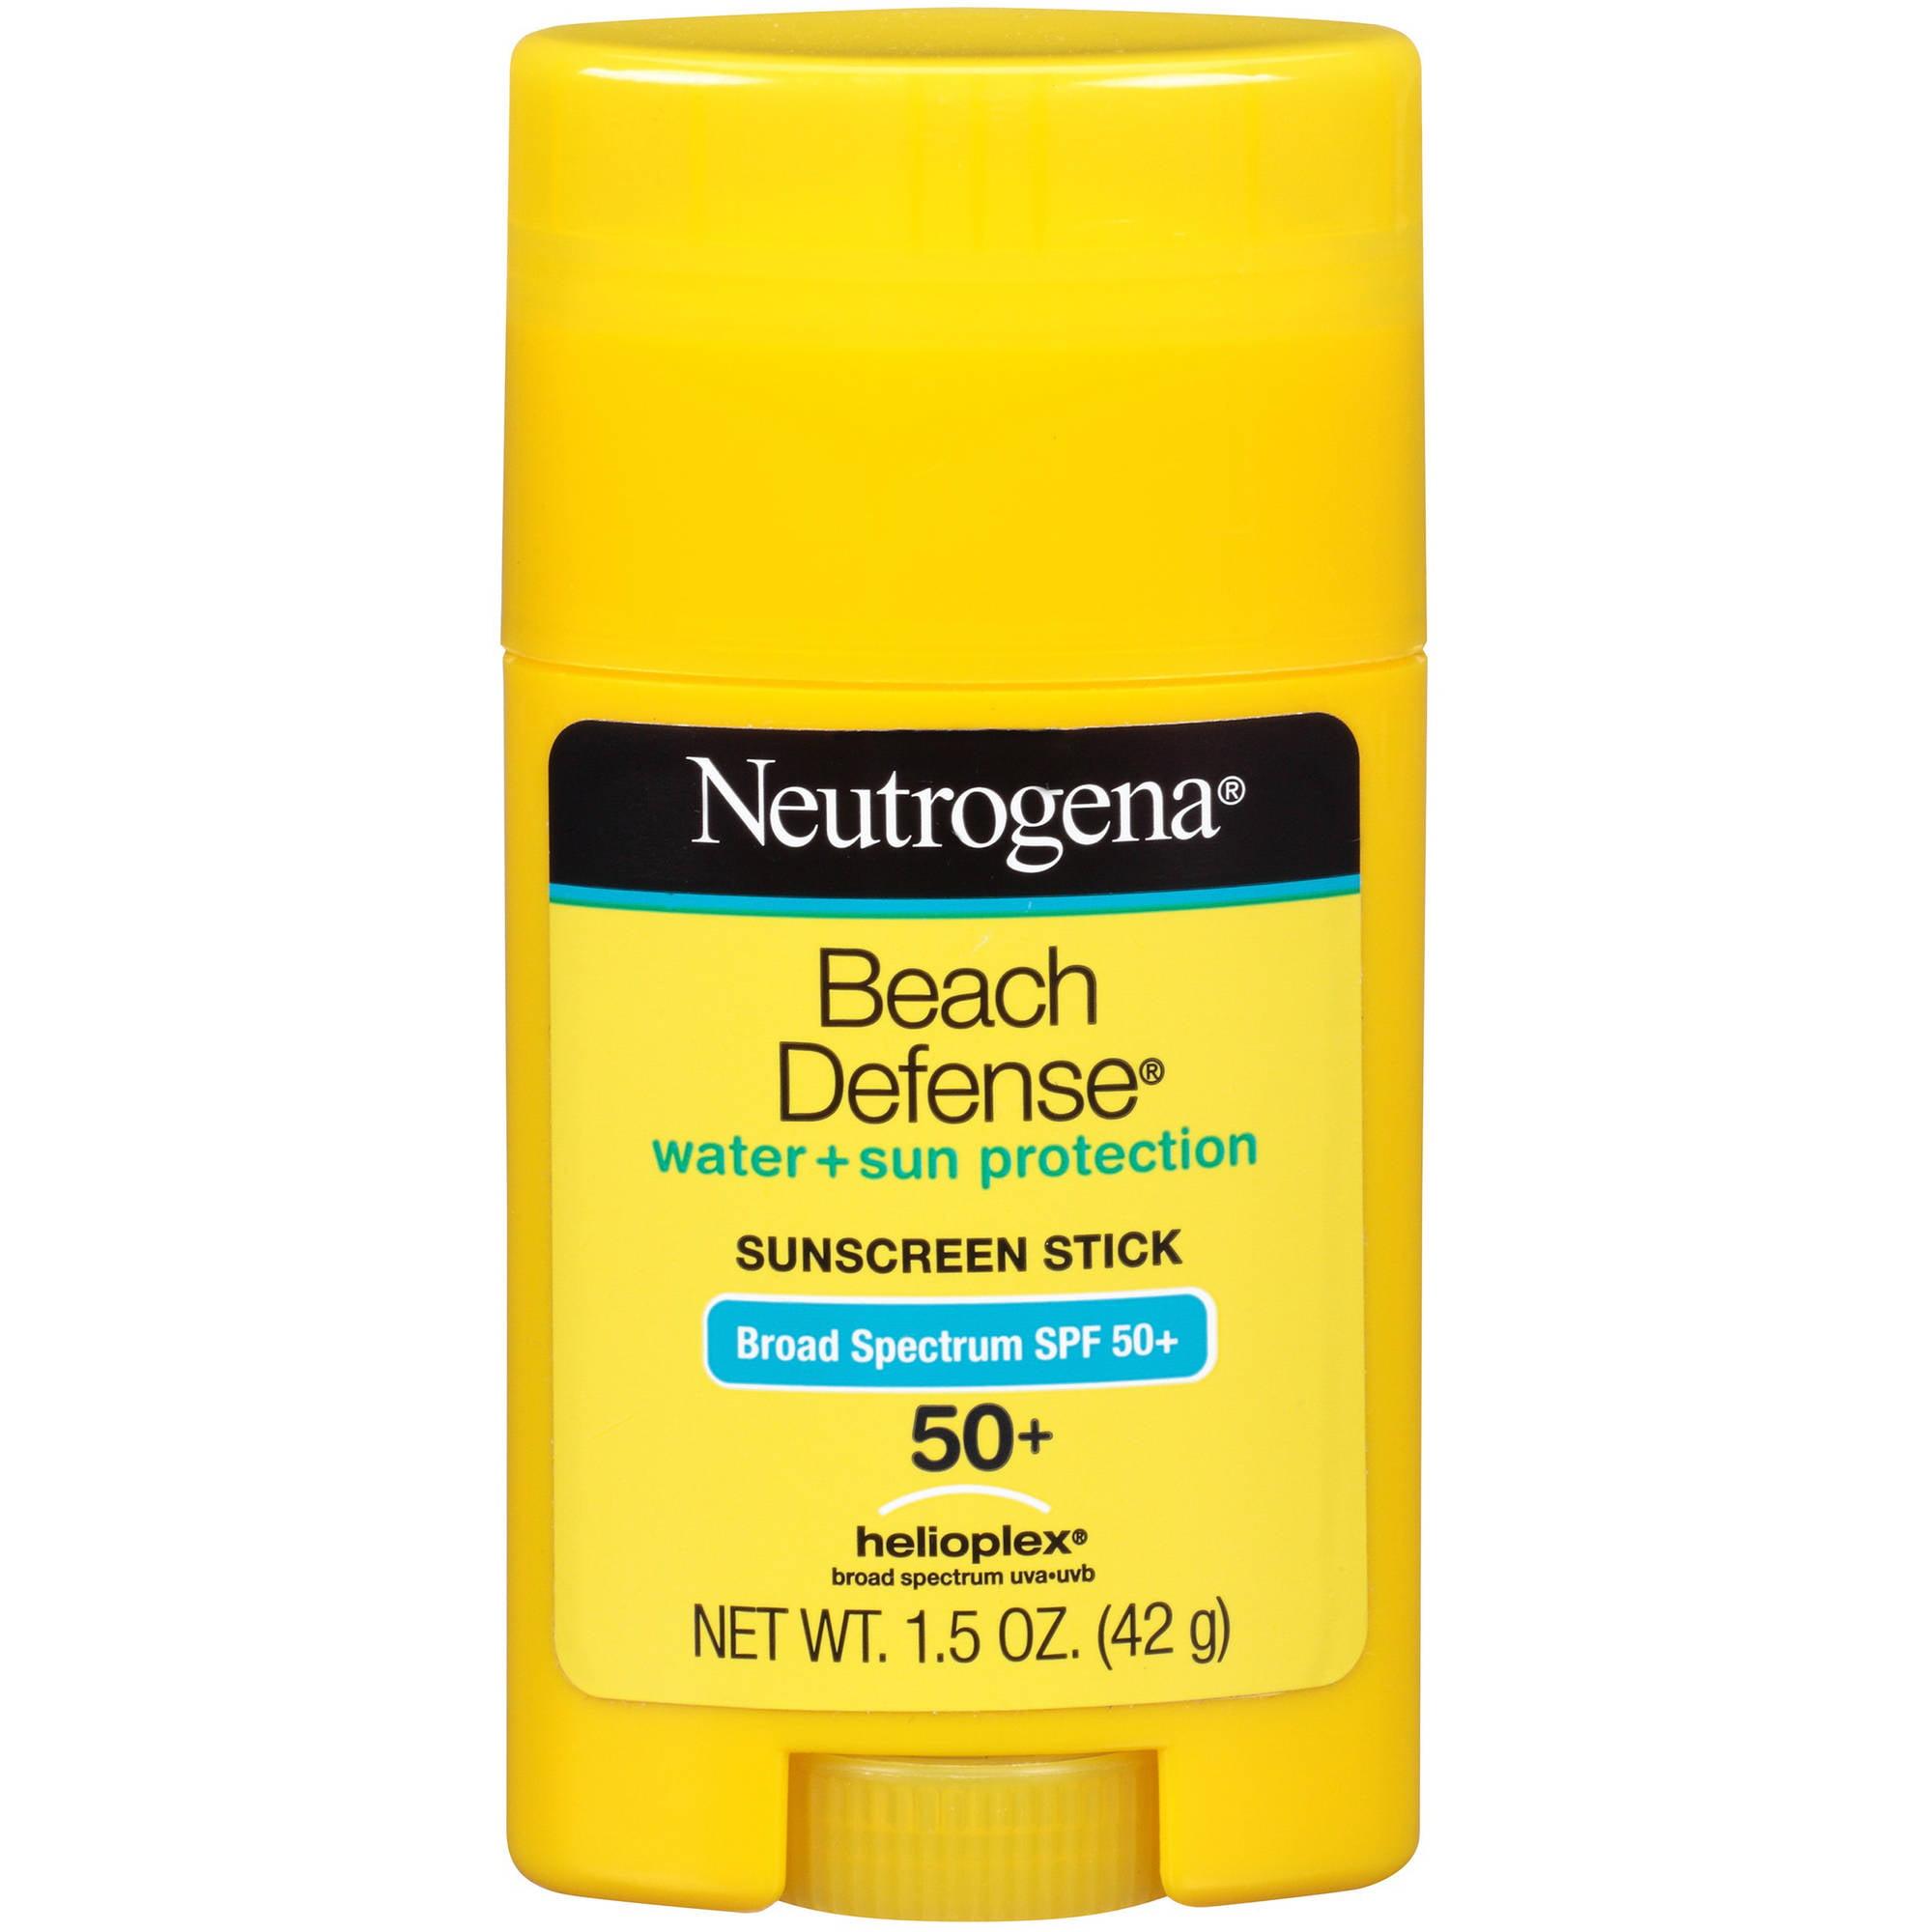 Neutrogena Beach Defense Water + Sun Barrier Sunscreen, SPF 50+, 1.5 oz